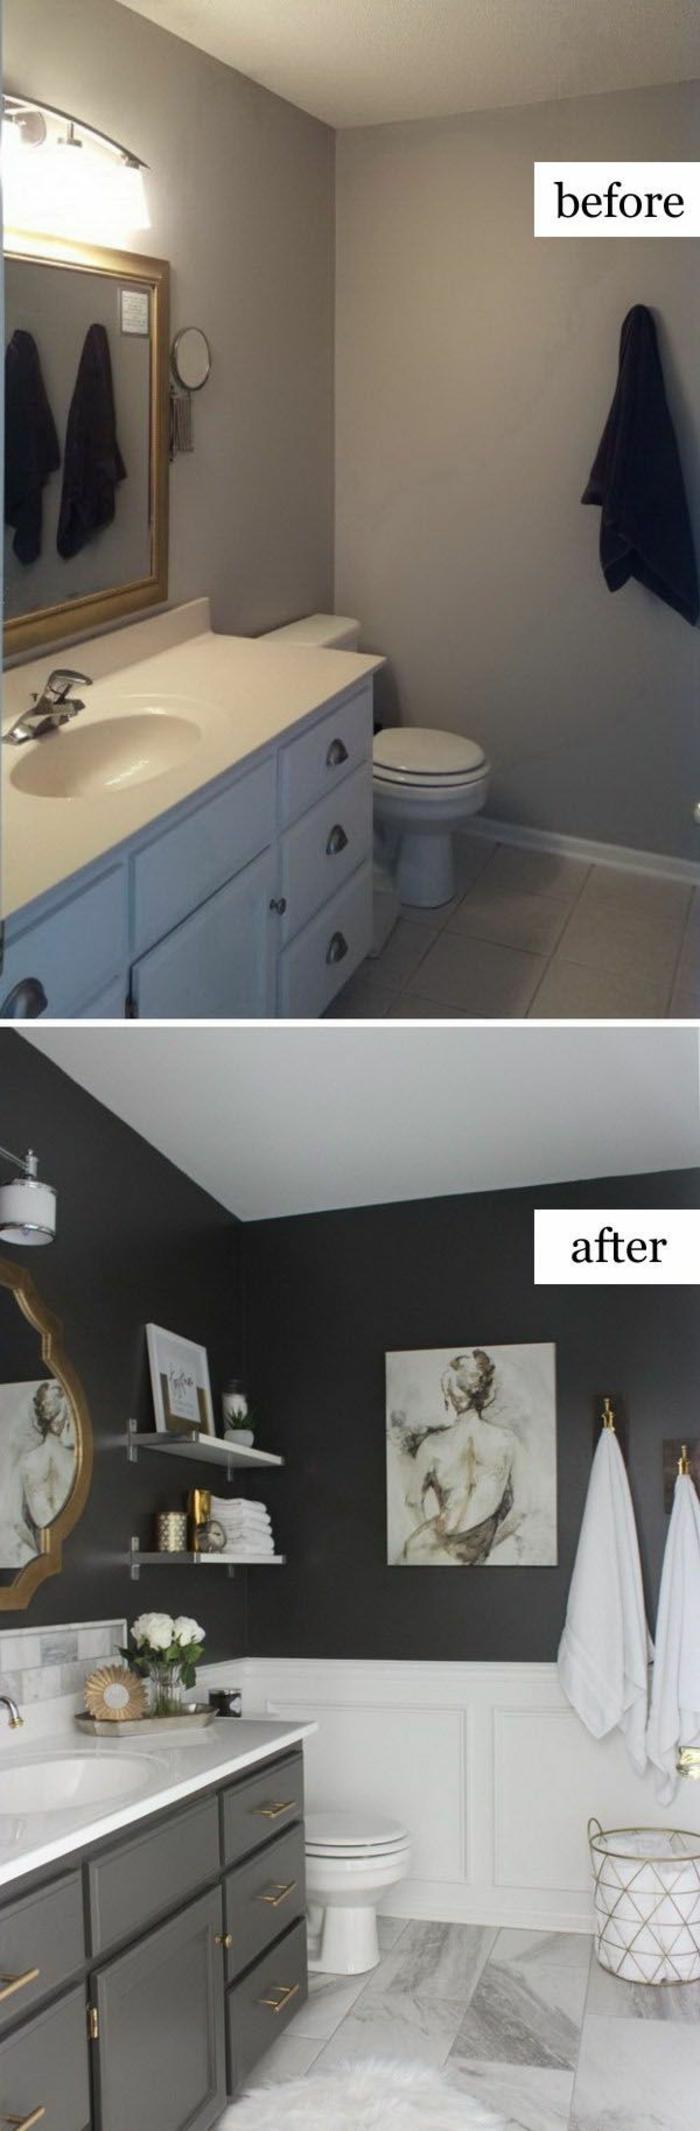 transformer la pièce -couleur pour agrandir une pièce